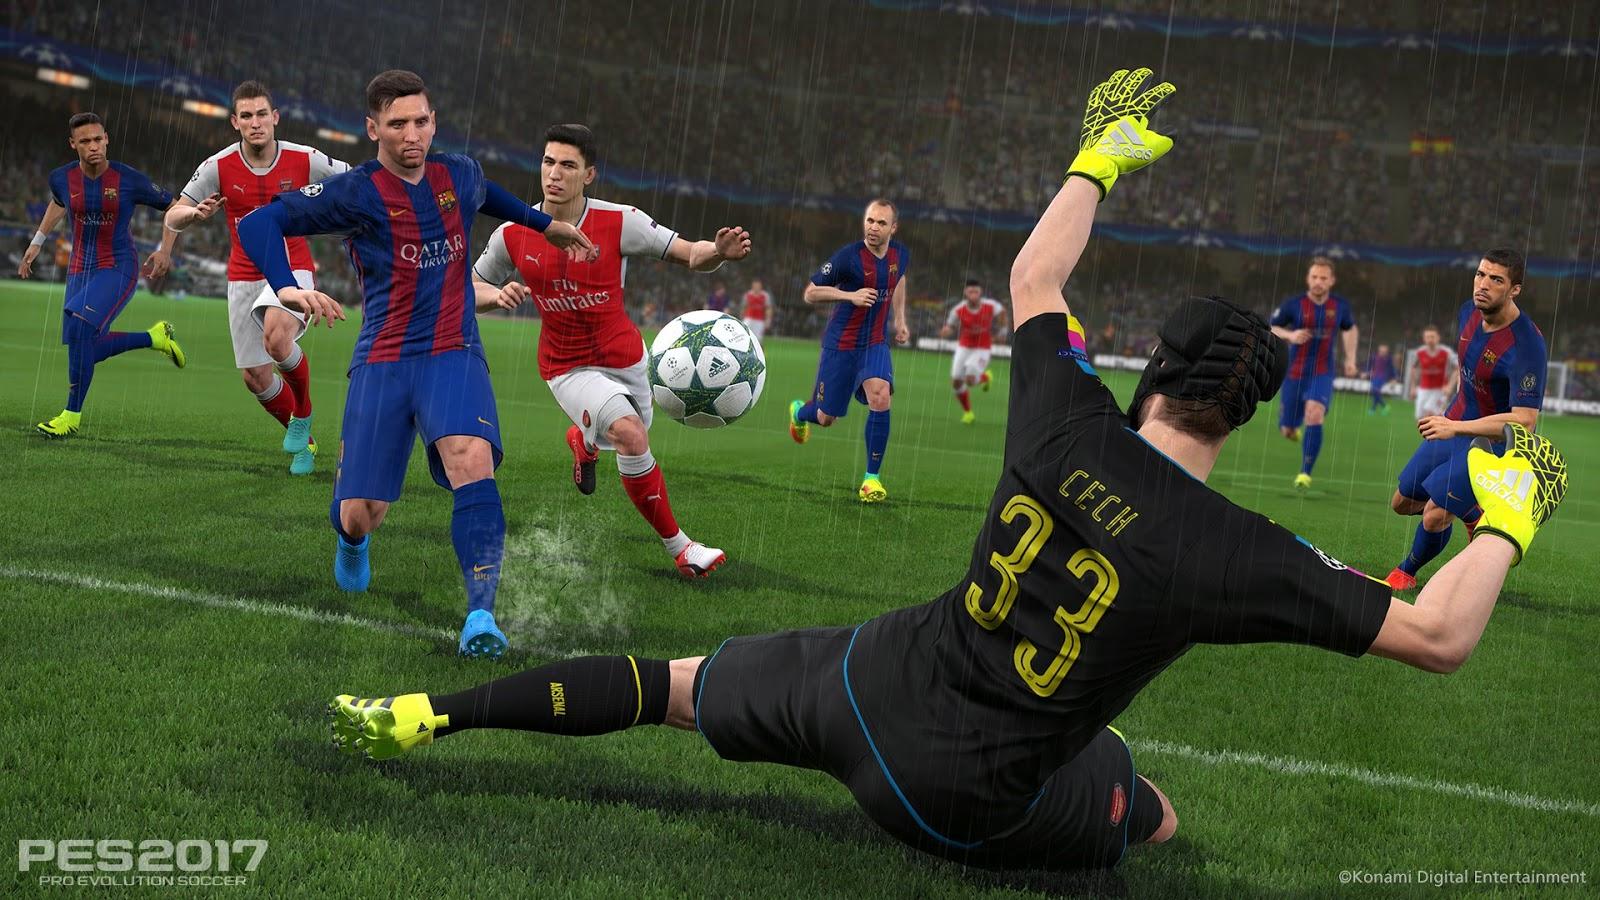 Download PES 2017 DEMO PS3 PKG+FIX - INSIDE GAME